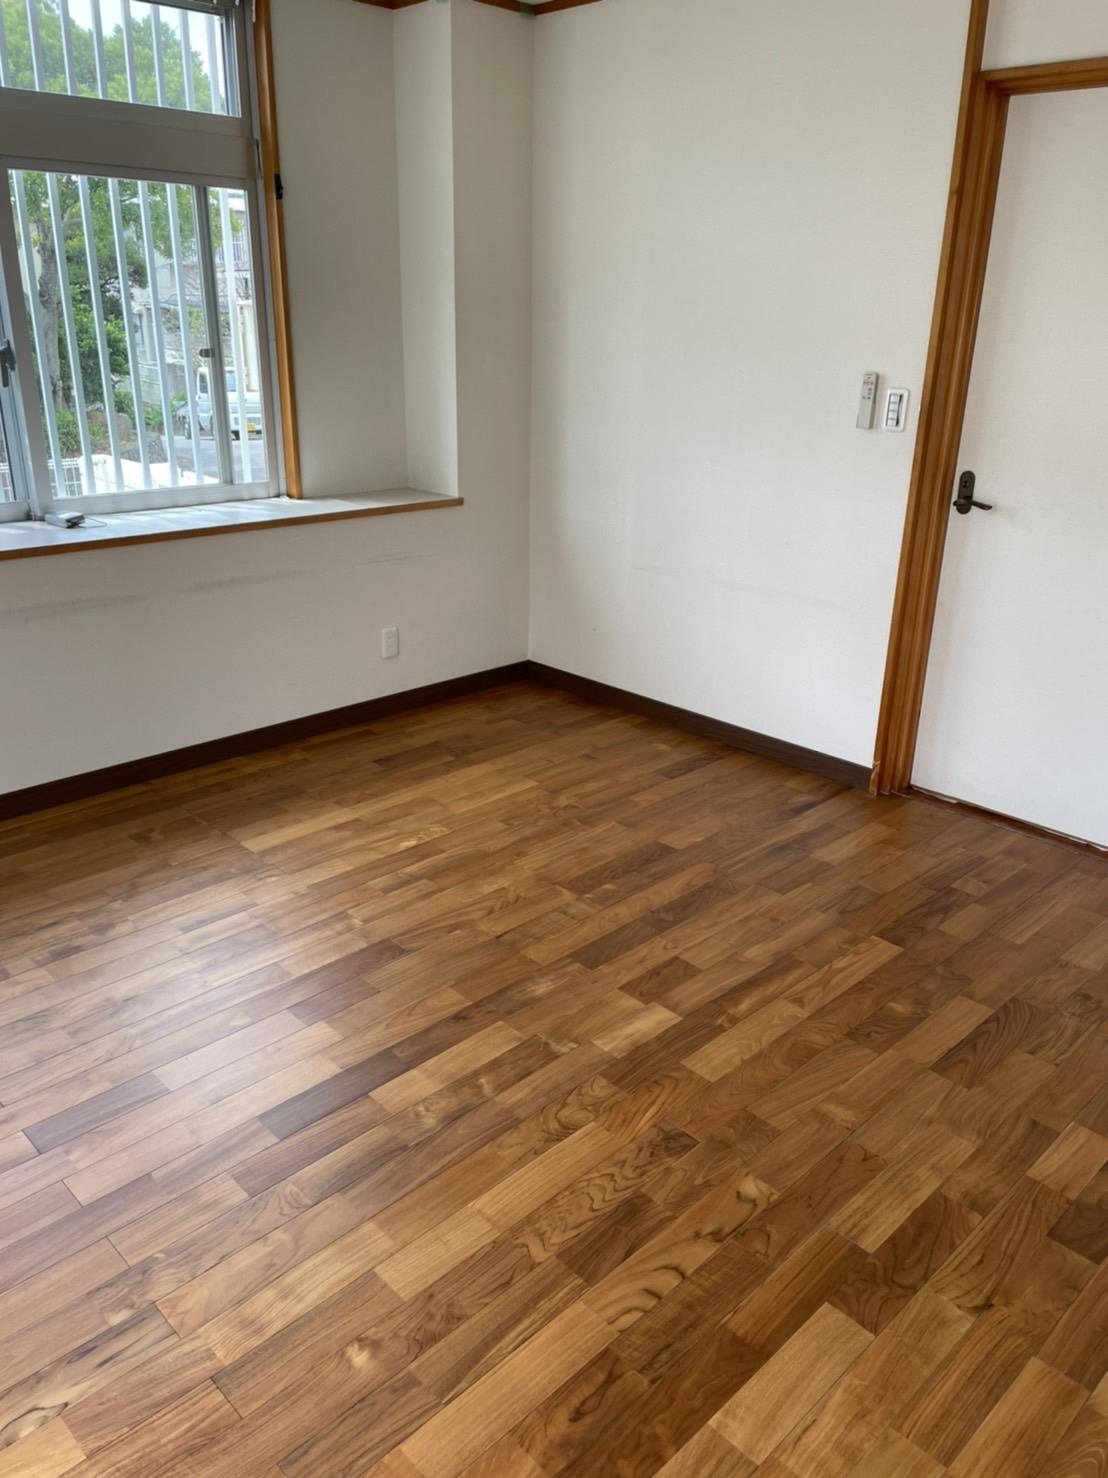 床の張替工事(リフォーム施工事例)を公開しました。 | 沖縄や那覇でリフォームするなら【株式会社 あうん工房】